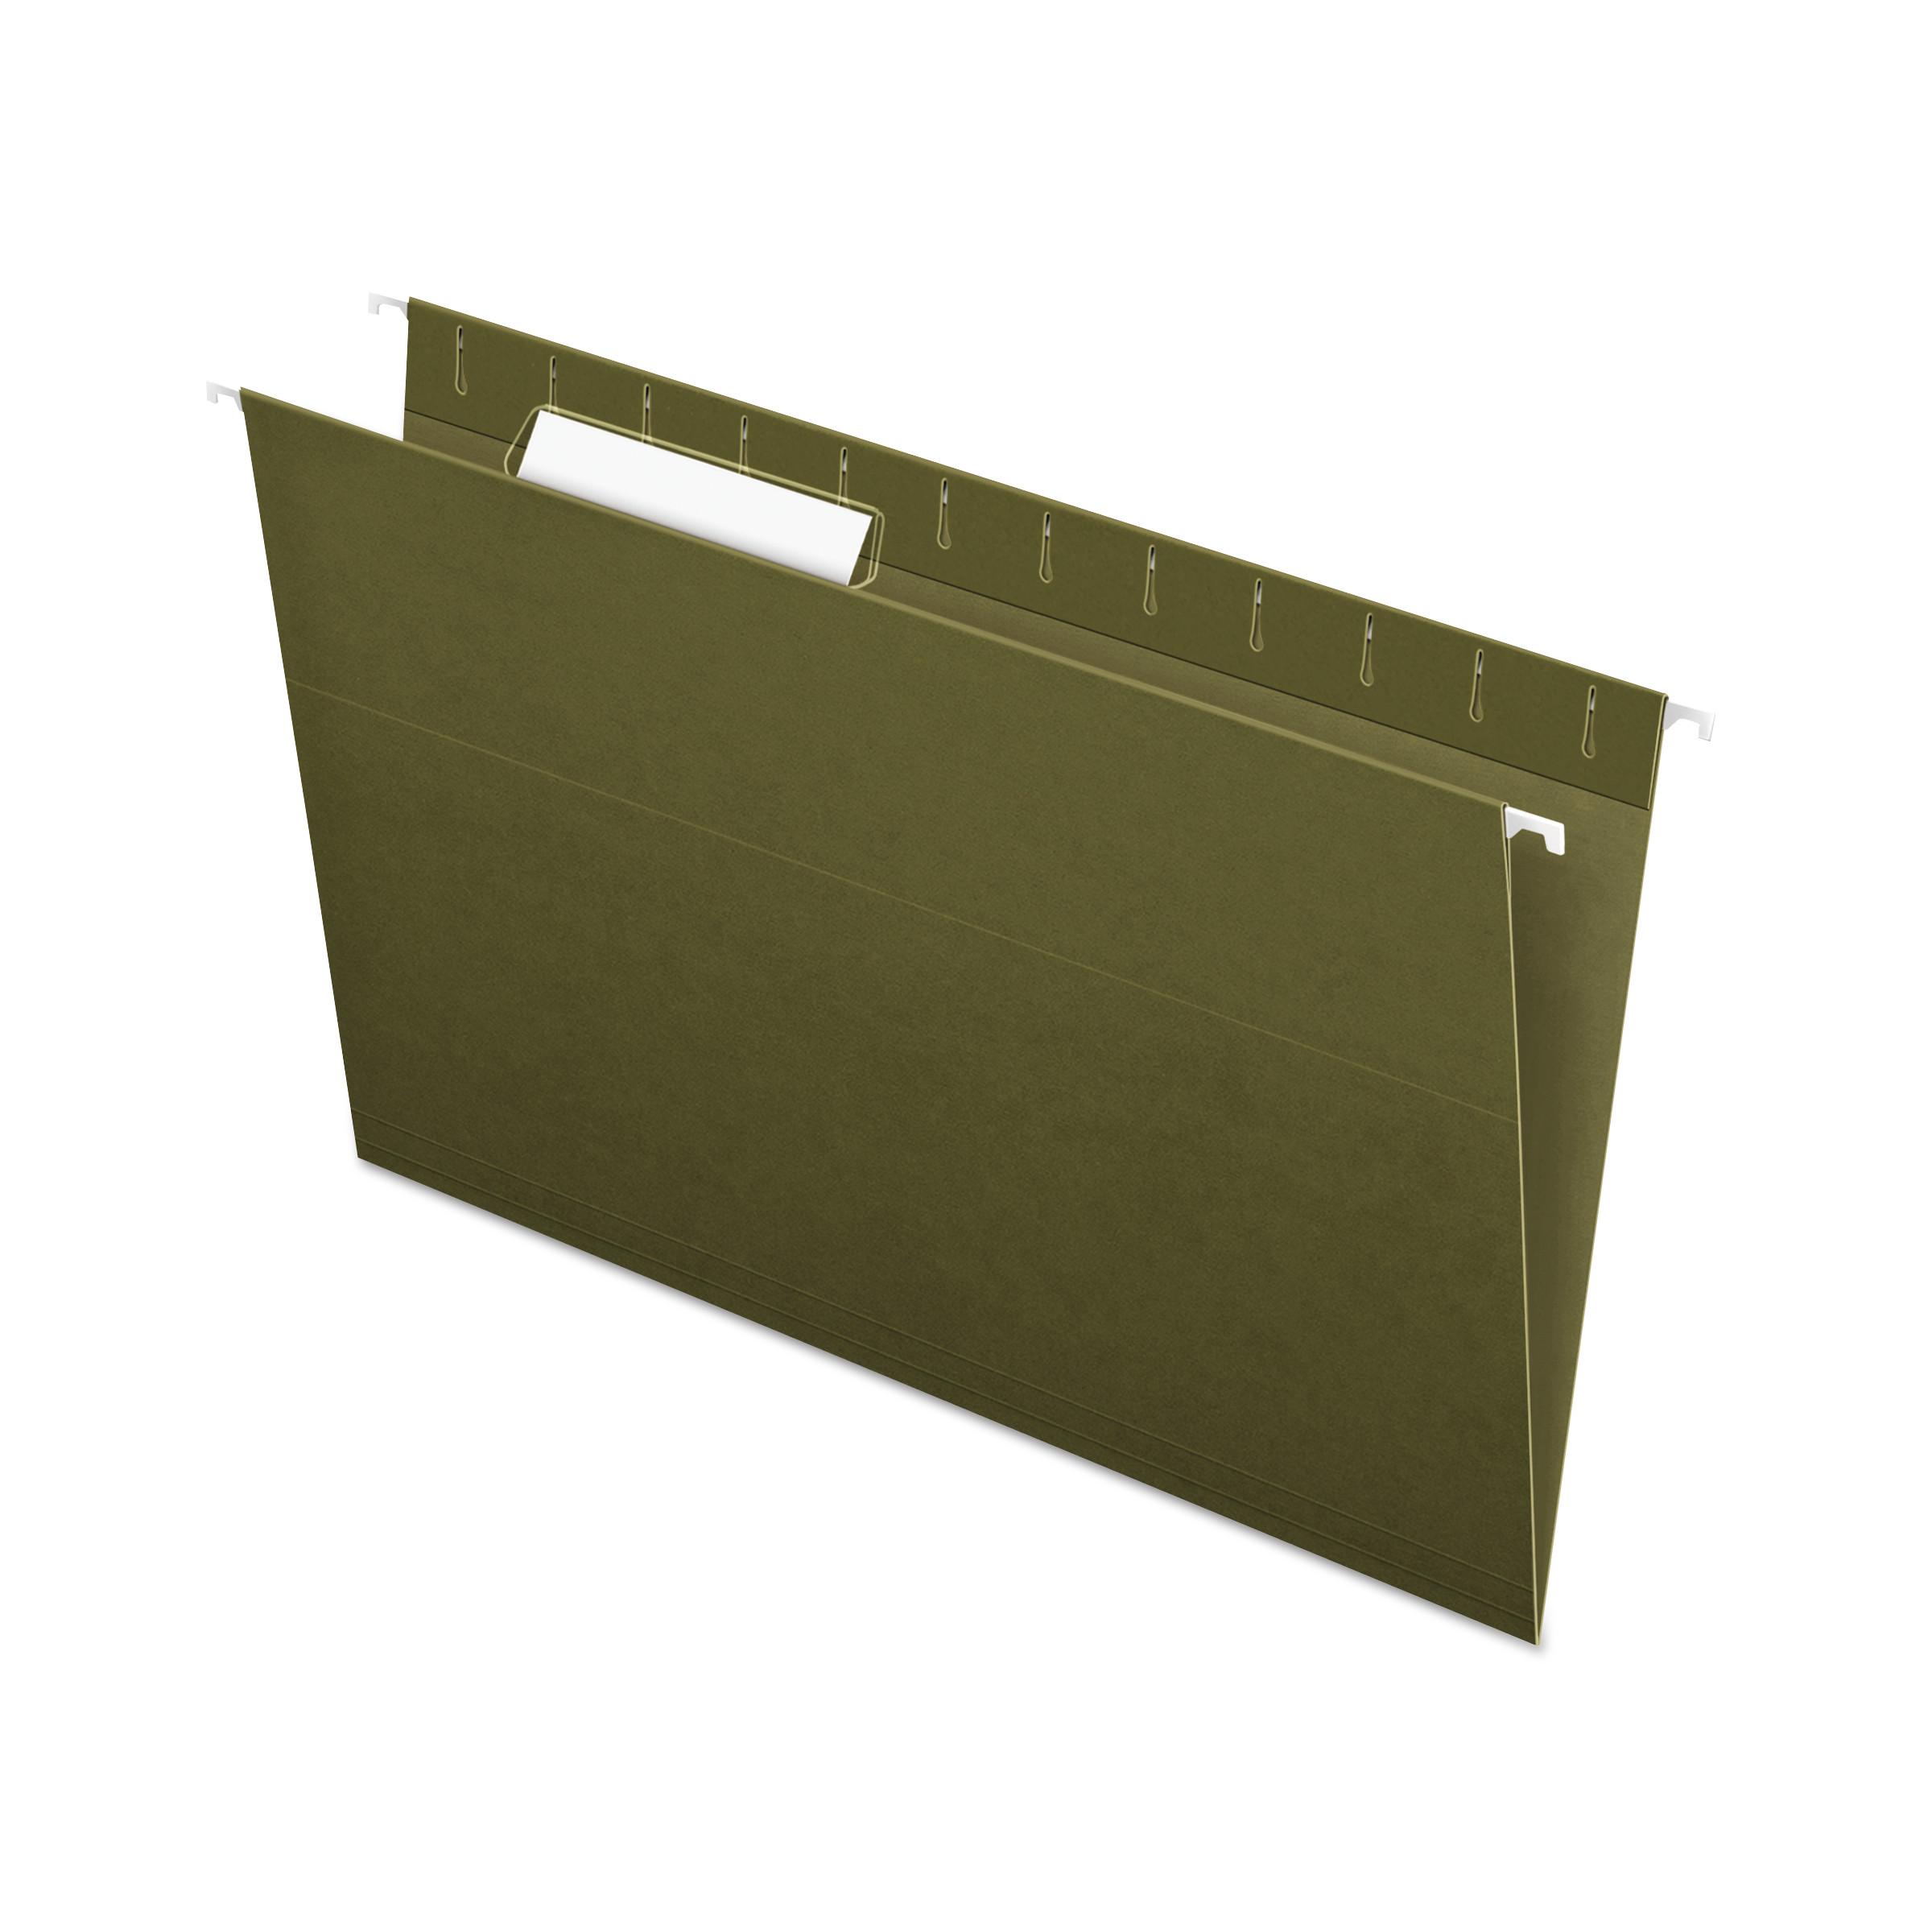 Standard Green Hanging Folders, Legal Size, 1/3-Cut Tab, Standard Green, 25/Box